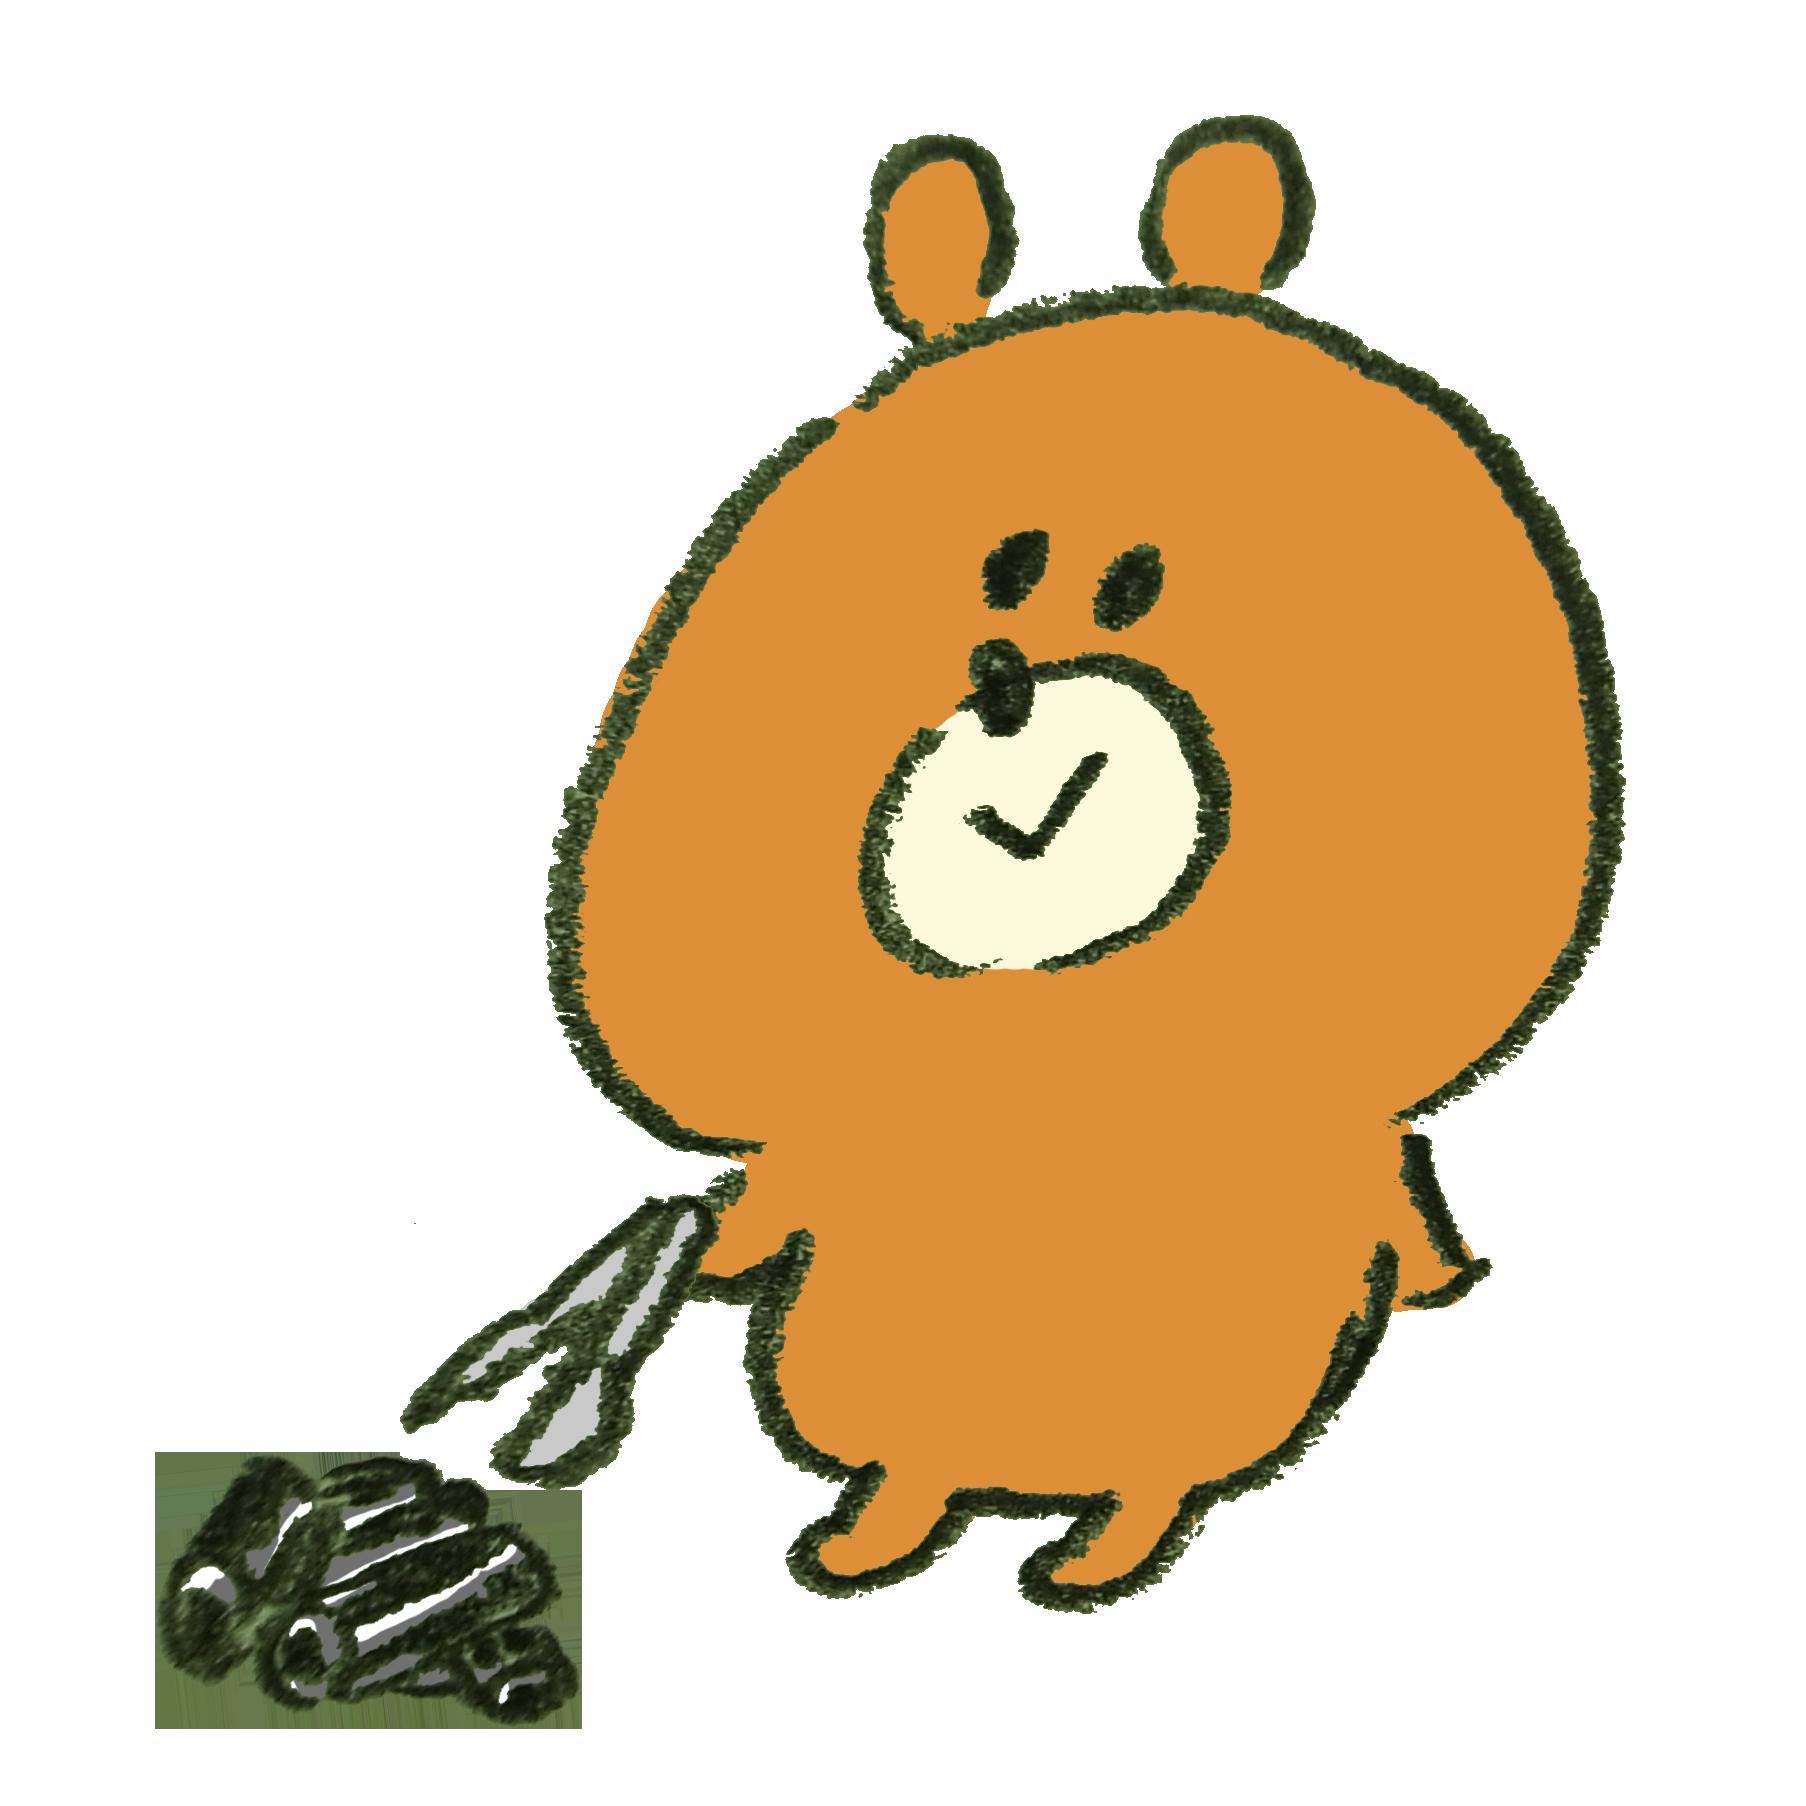 バーベキューの炭を片付ける熊のイラスト ゆるくてかわいい無料